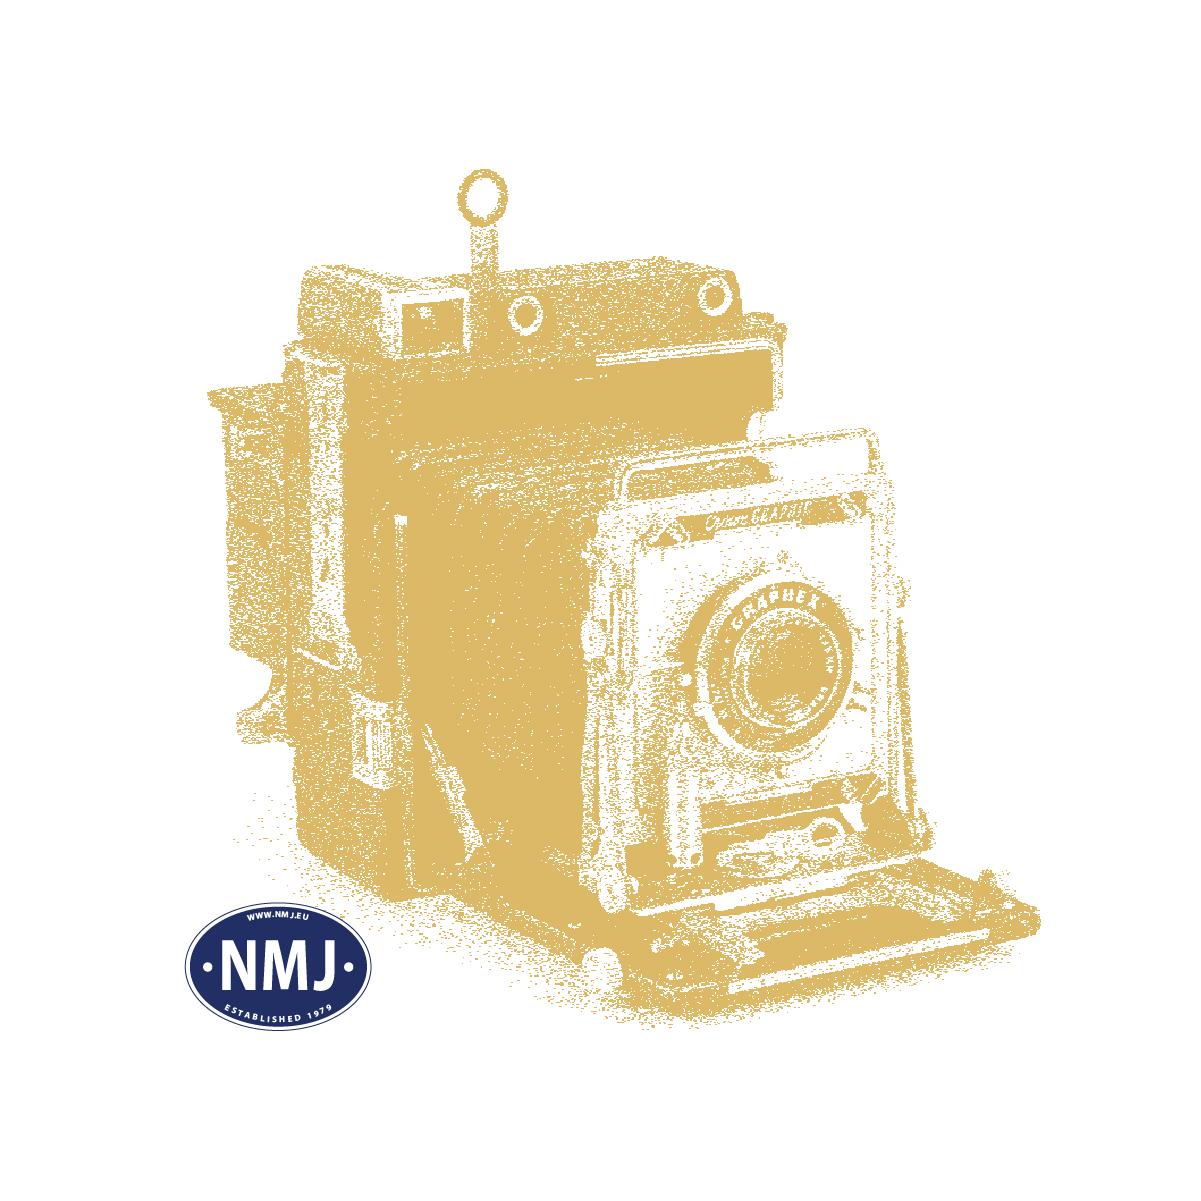 TOM02070406 - Micro Lysdiode m/print og loddepunkter, Blå